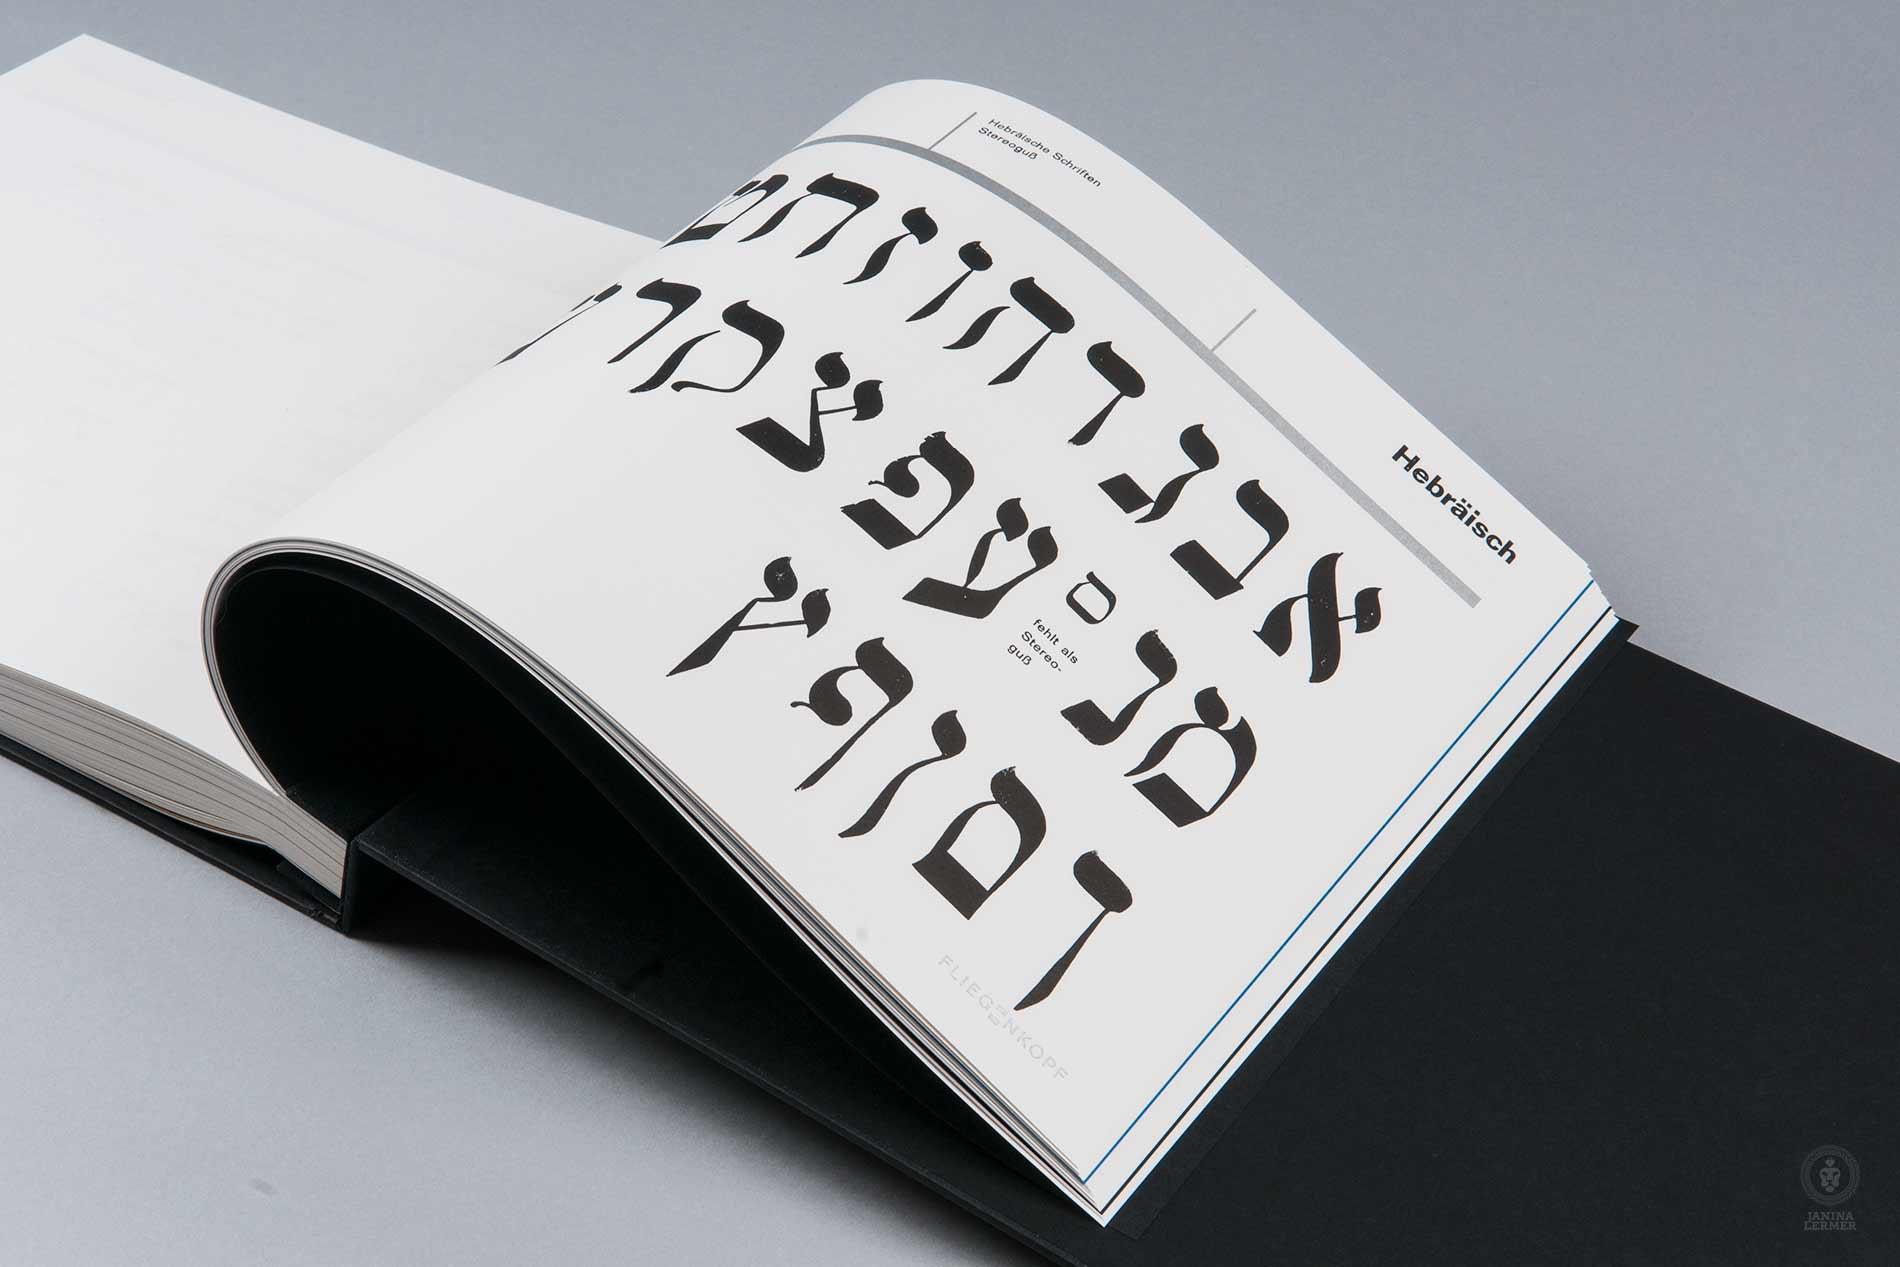 Janina-Lermer-Buchgestaltung-Magazingestaltung-Editorialdesign-Bleisatz-Metaltype-Hebraeisch-Handgedruckt-Handprinted-Werkstatt-Fliegenkopf